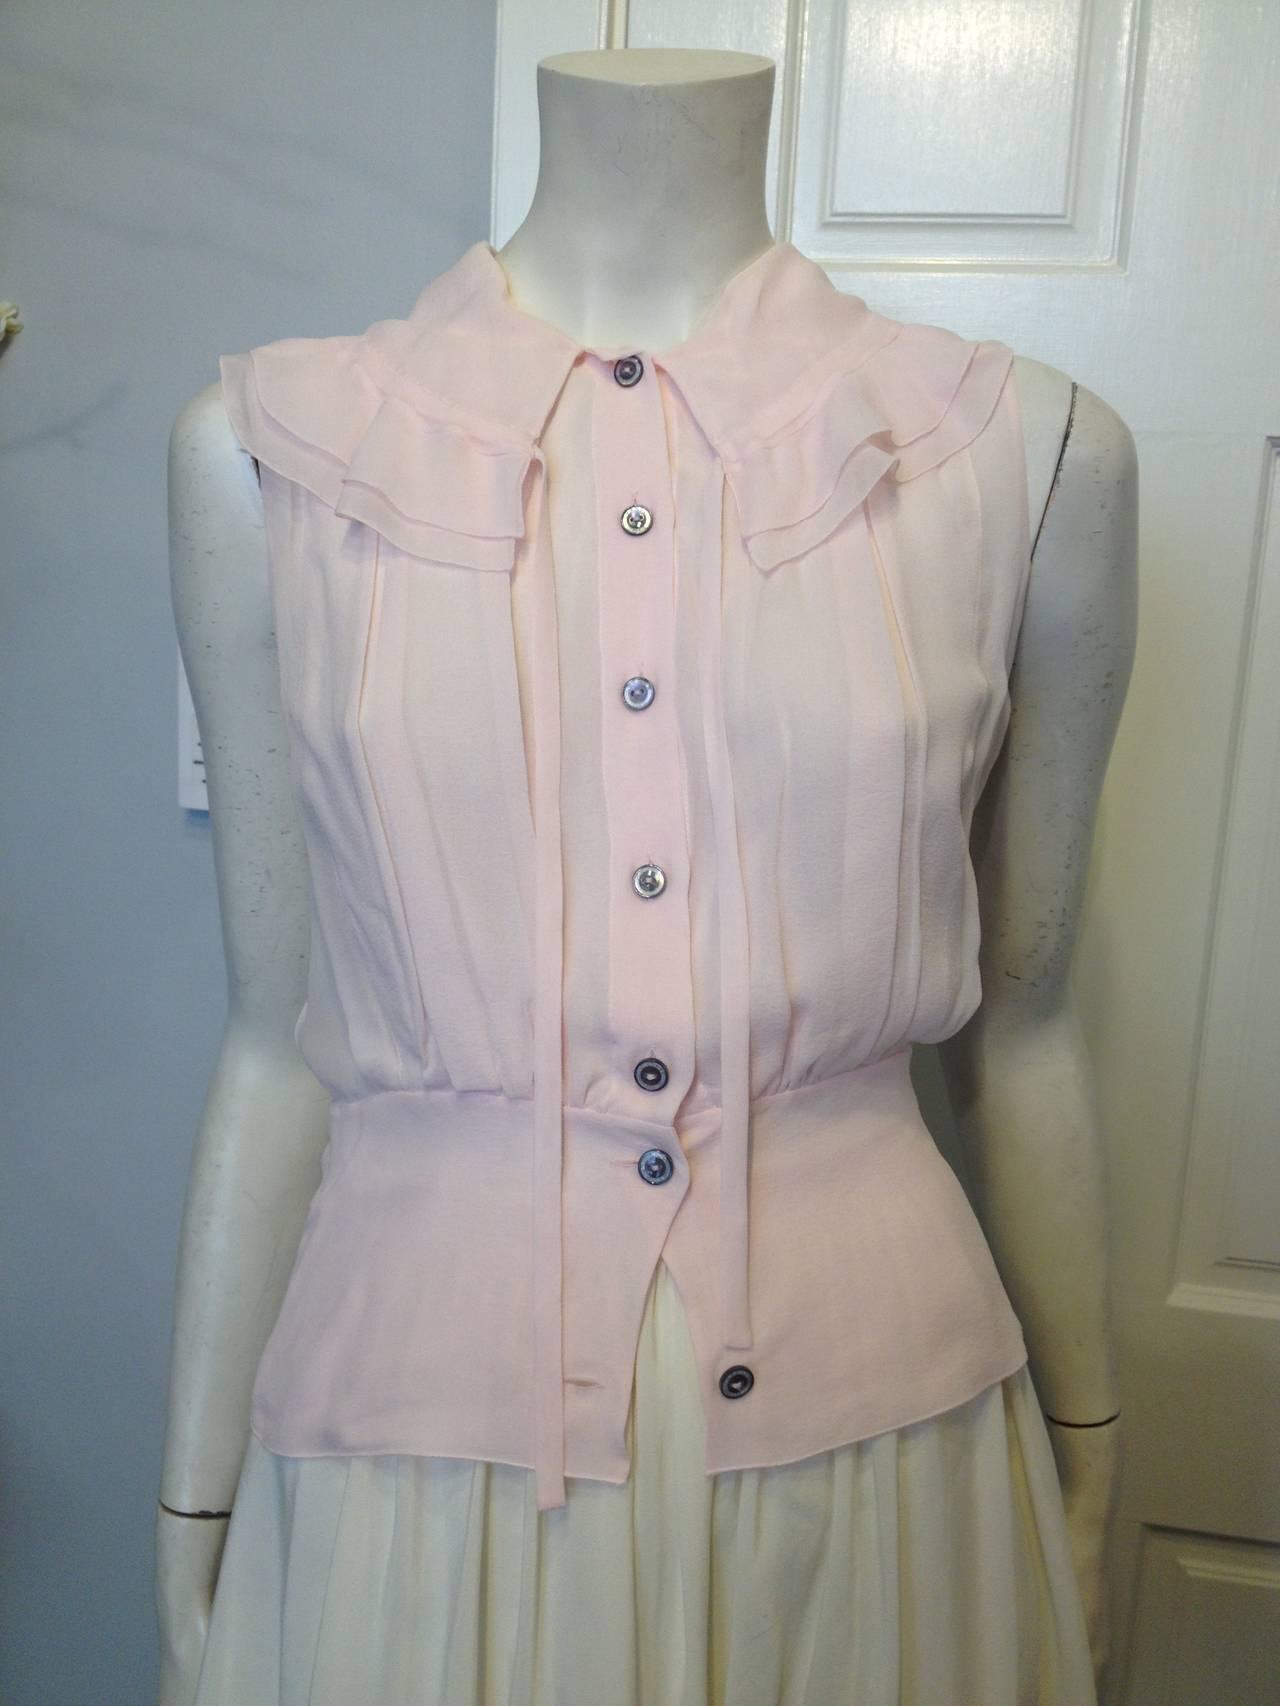 Chanel Baby Pink Chiffon Ruffled Blouse 2